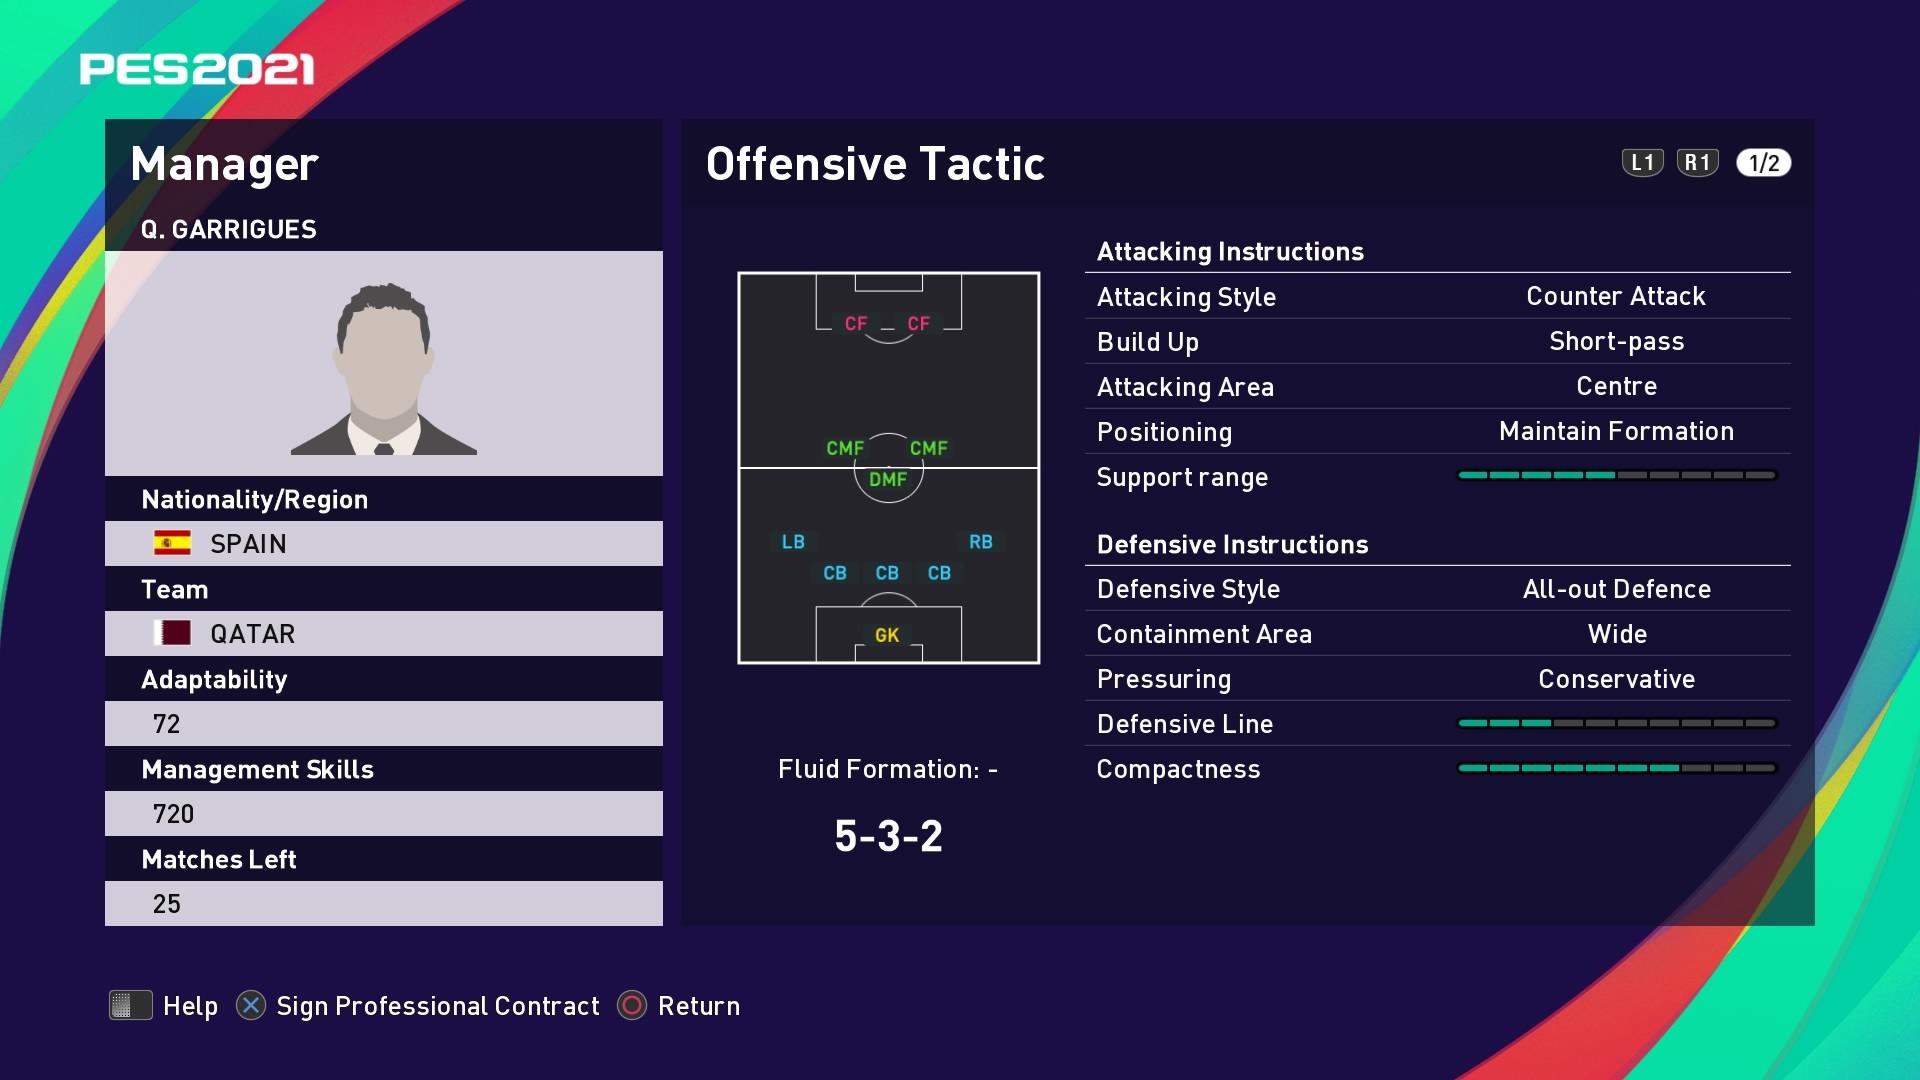 Q. Garrigues (Félix Sánchez Bas) Offensive Tactic in PES 2021 myClub